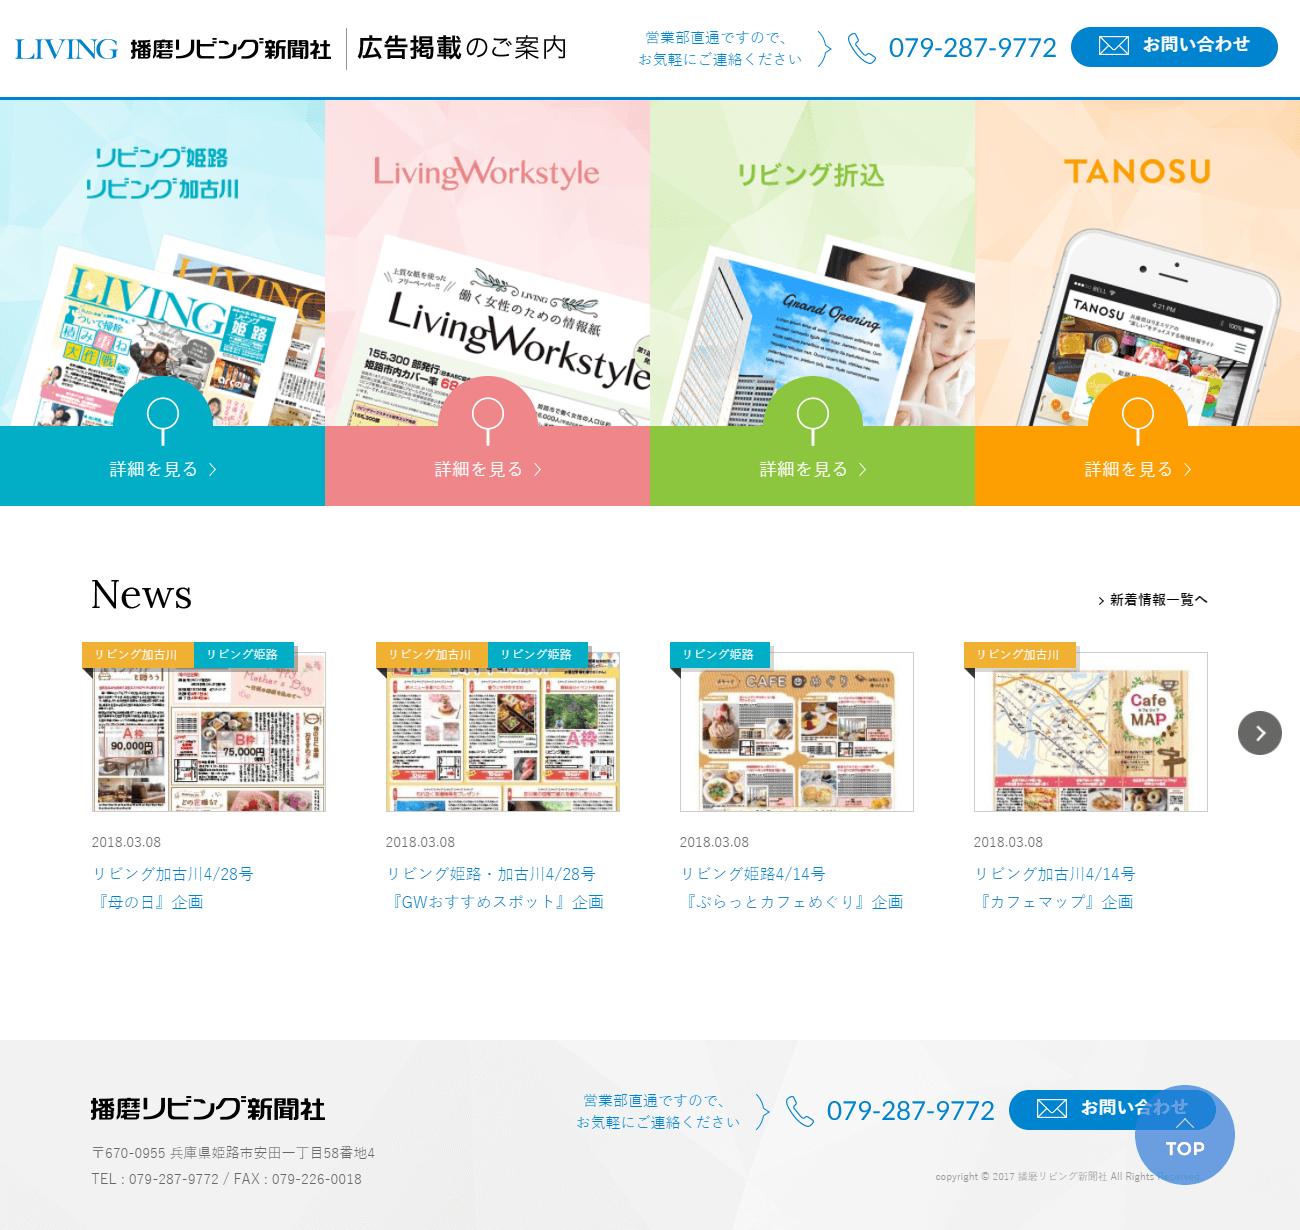 播磨リビング新聞社様 広告掲載案内ページ1